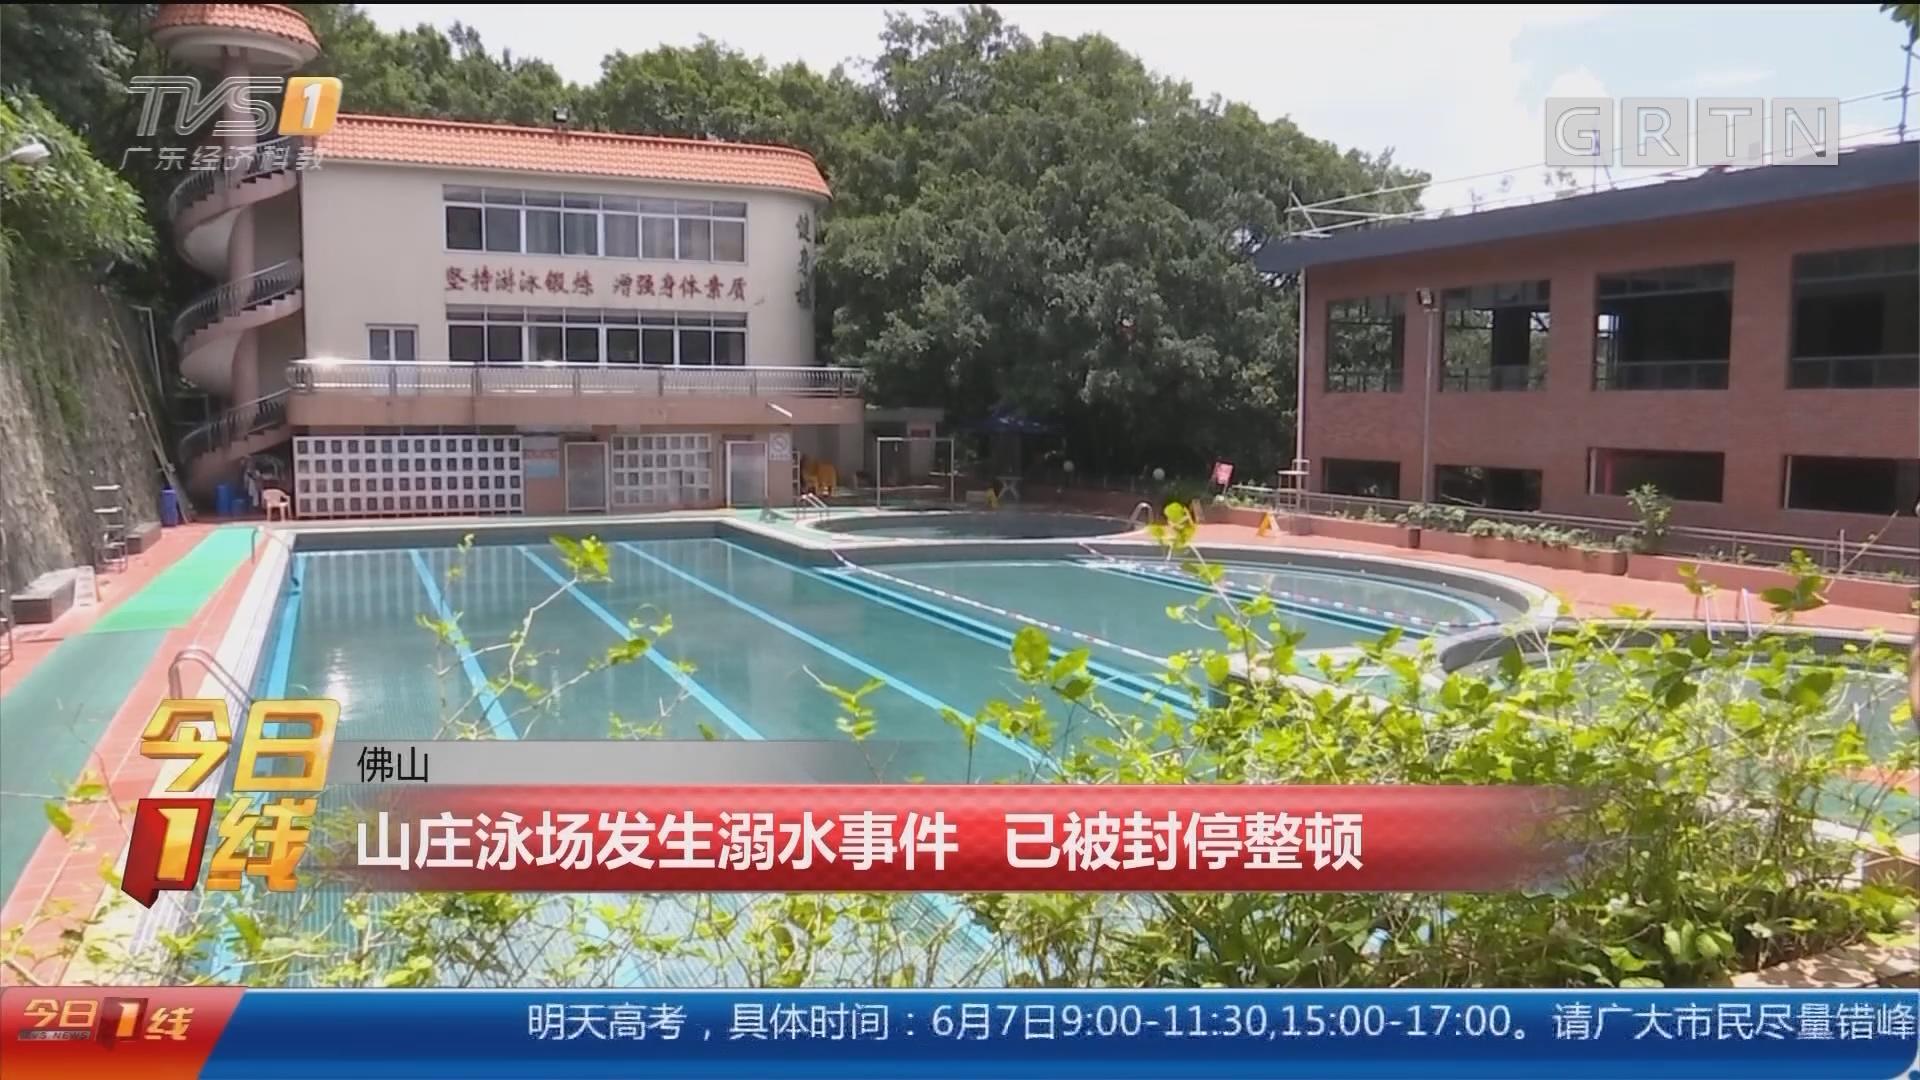 佛山:山庄泳场发生溺水事件 已被封停整顿